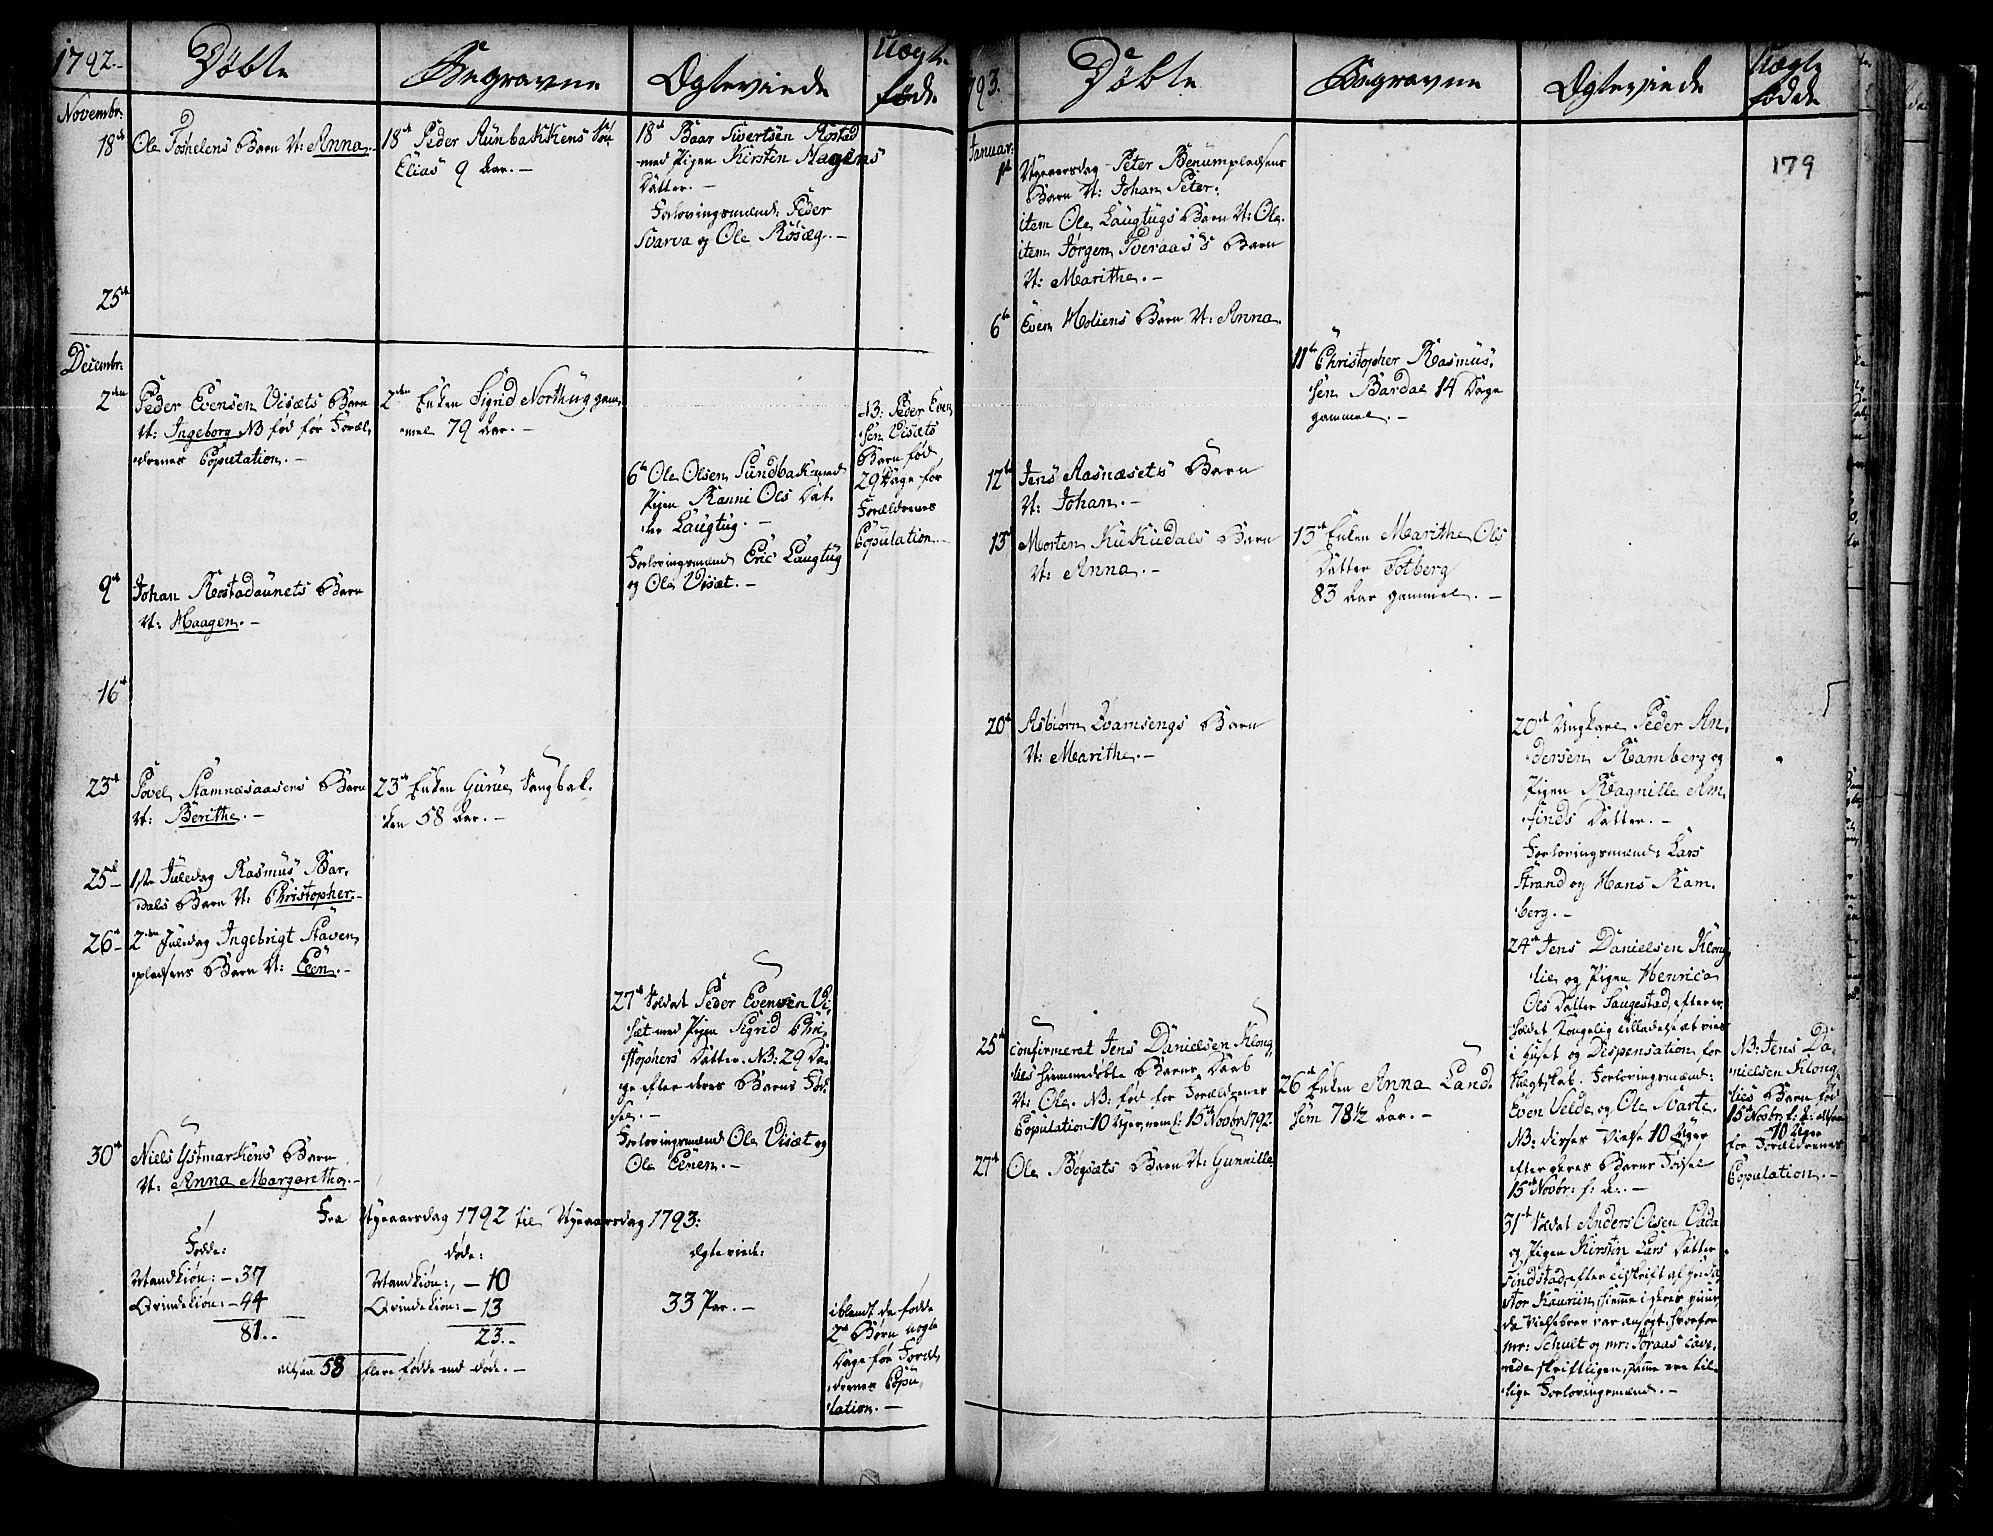 SAT, Ministerialprotokoller, klokkerbøker og fødselsregistre - Nord-Trøndelag, 741/L0385: Ministerialbok nr. 741A01, 1722-1815, s. 179